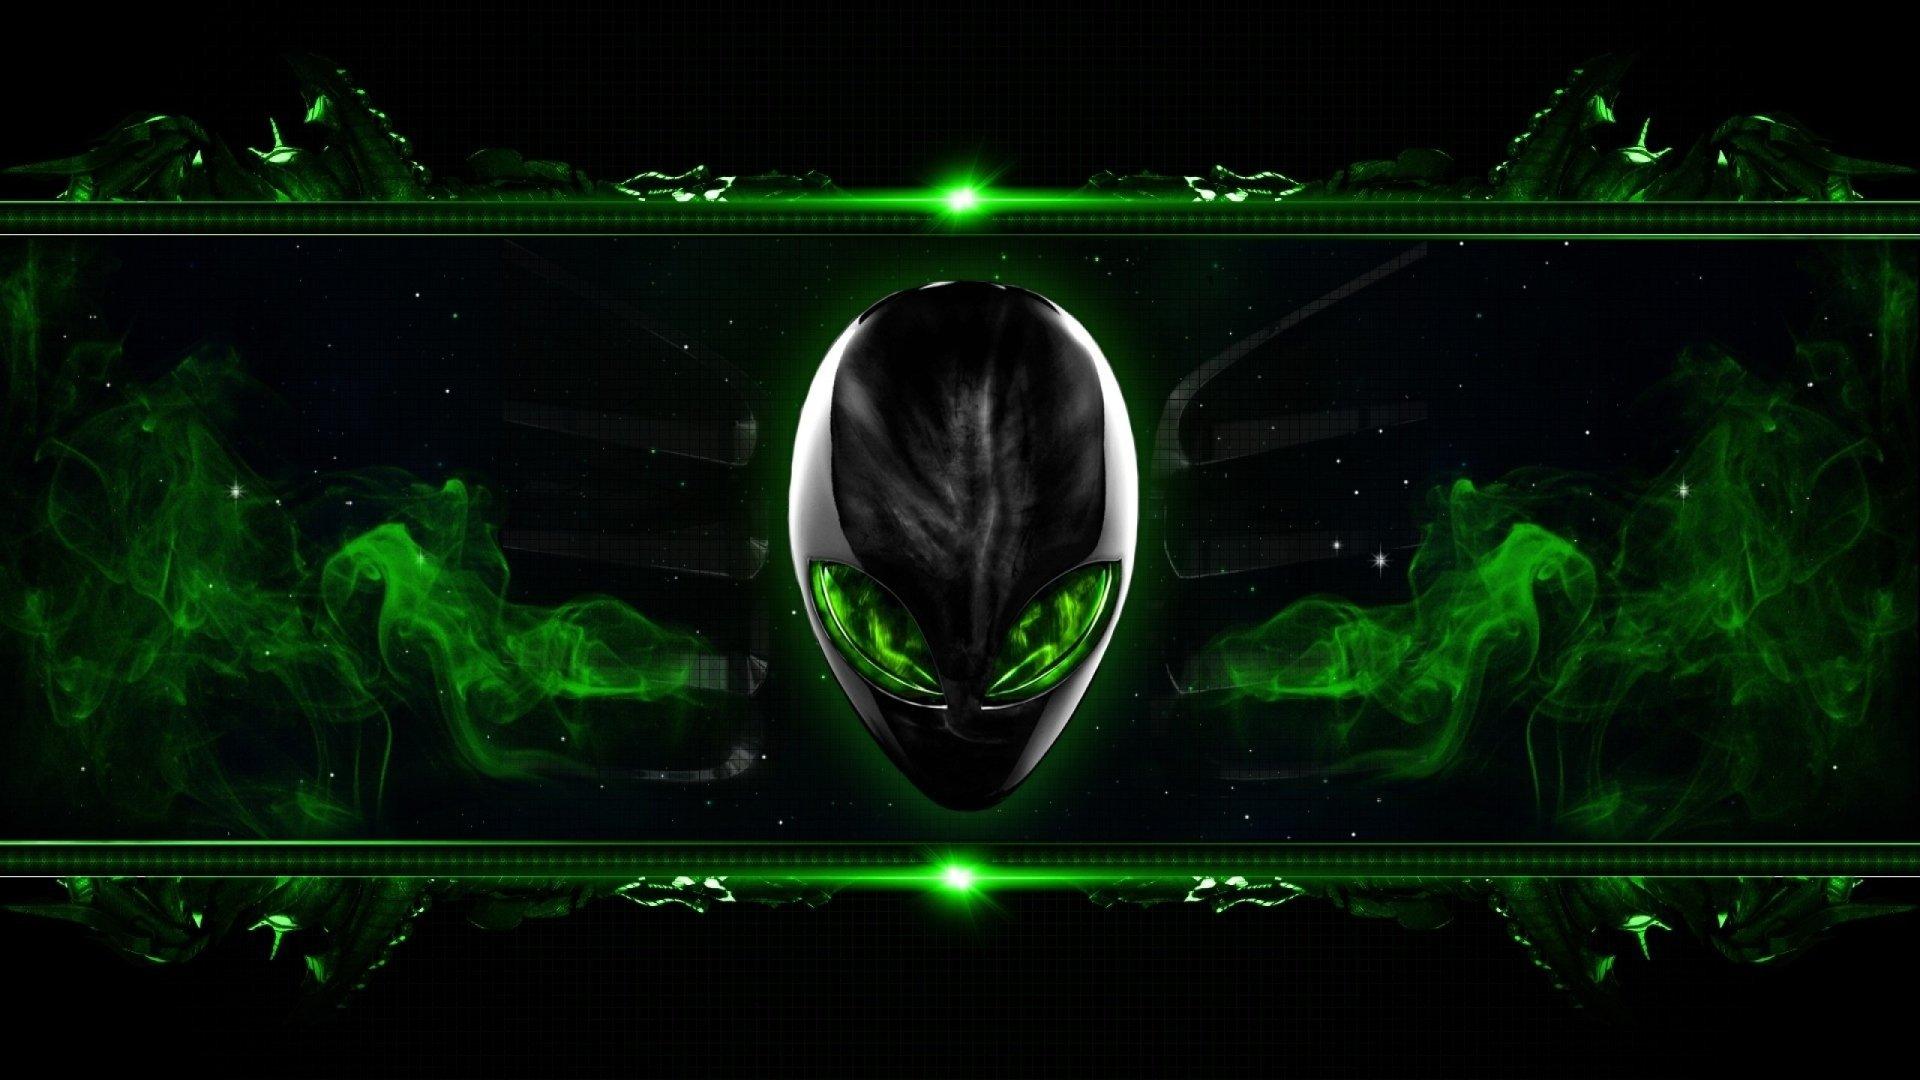 技术 - 外星人  技术 绿色 壁纸